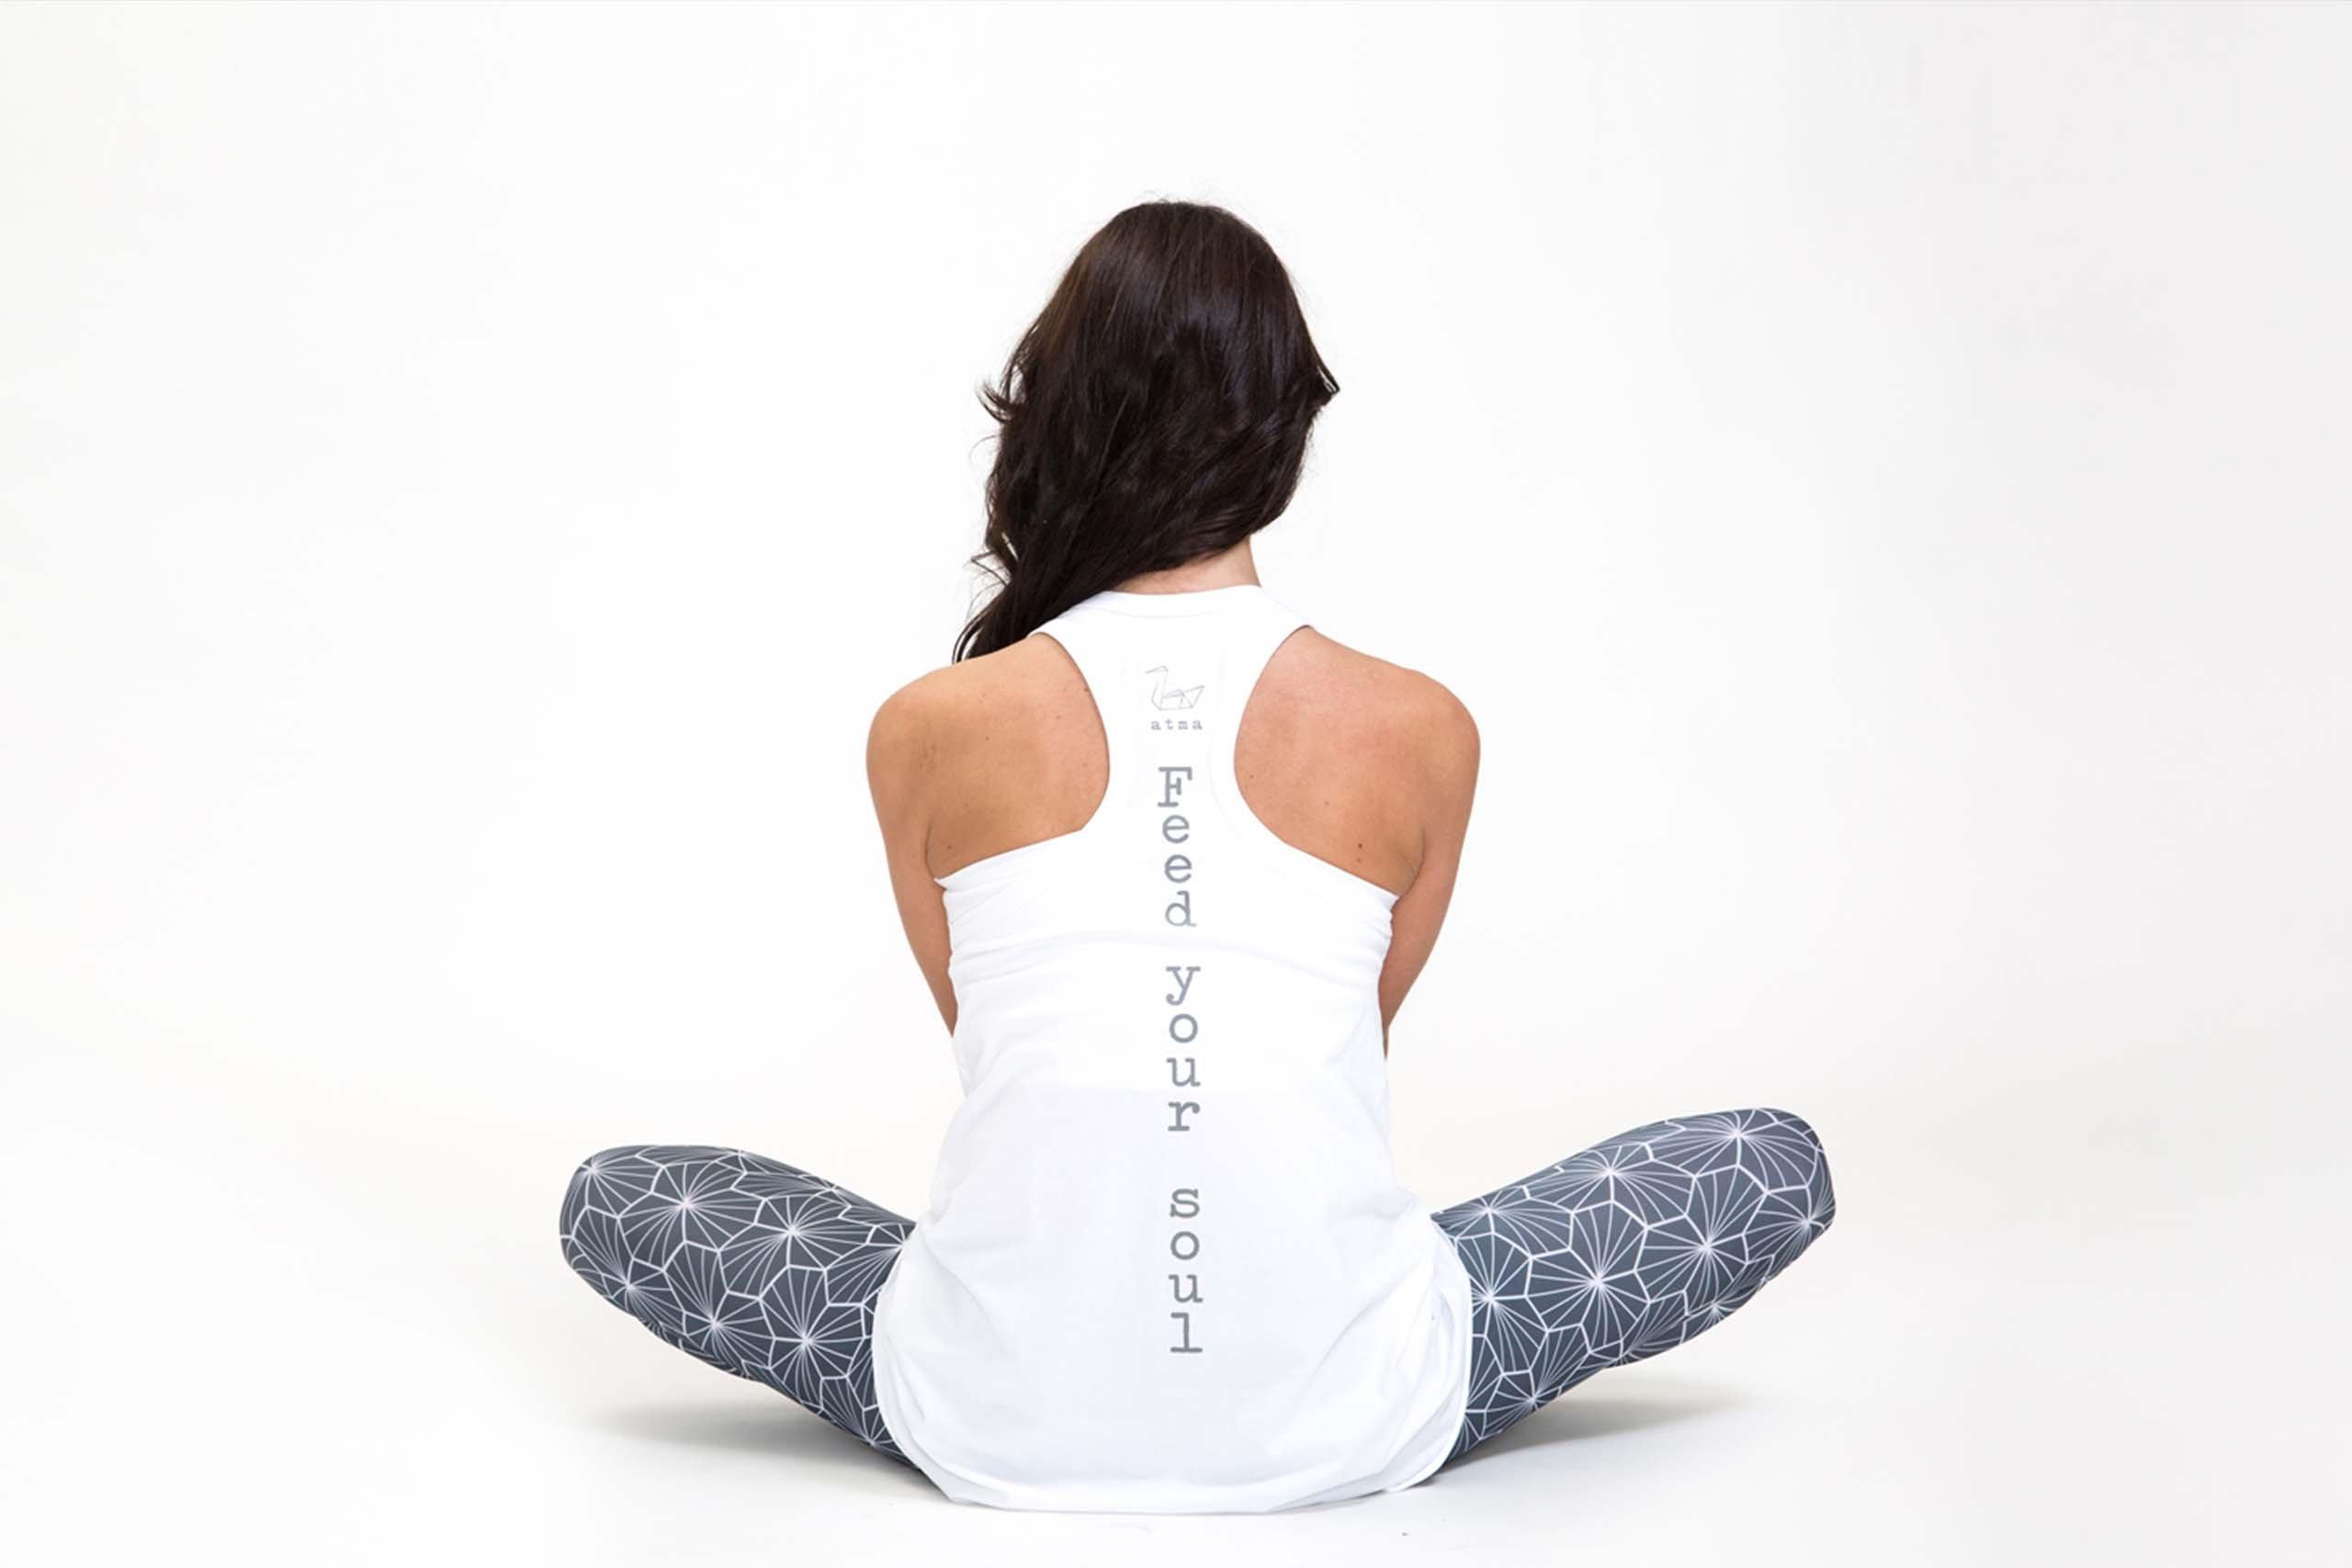 Sito Atma Yoga